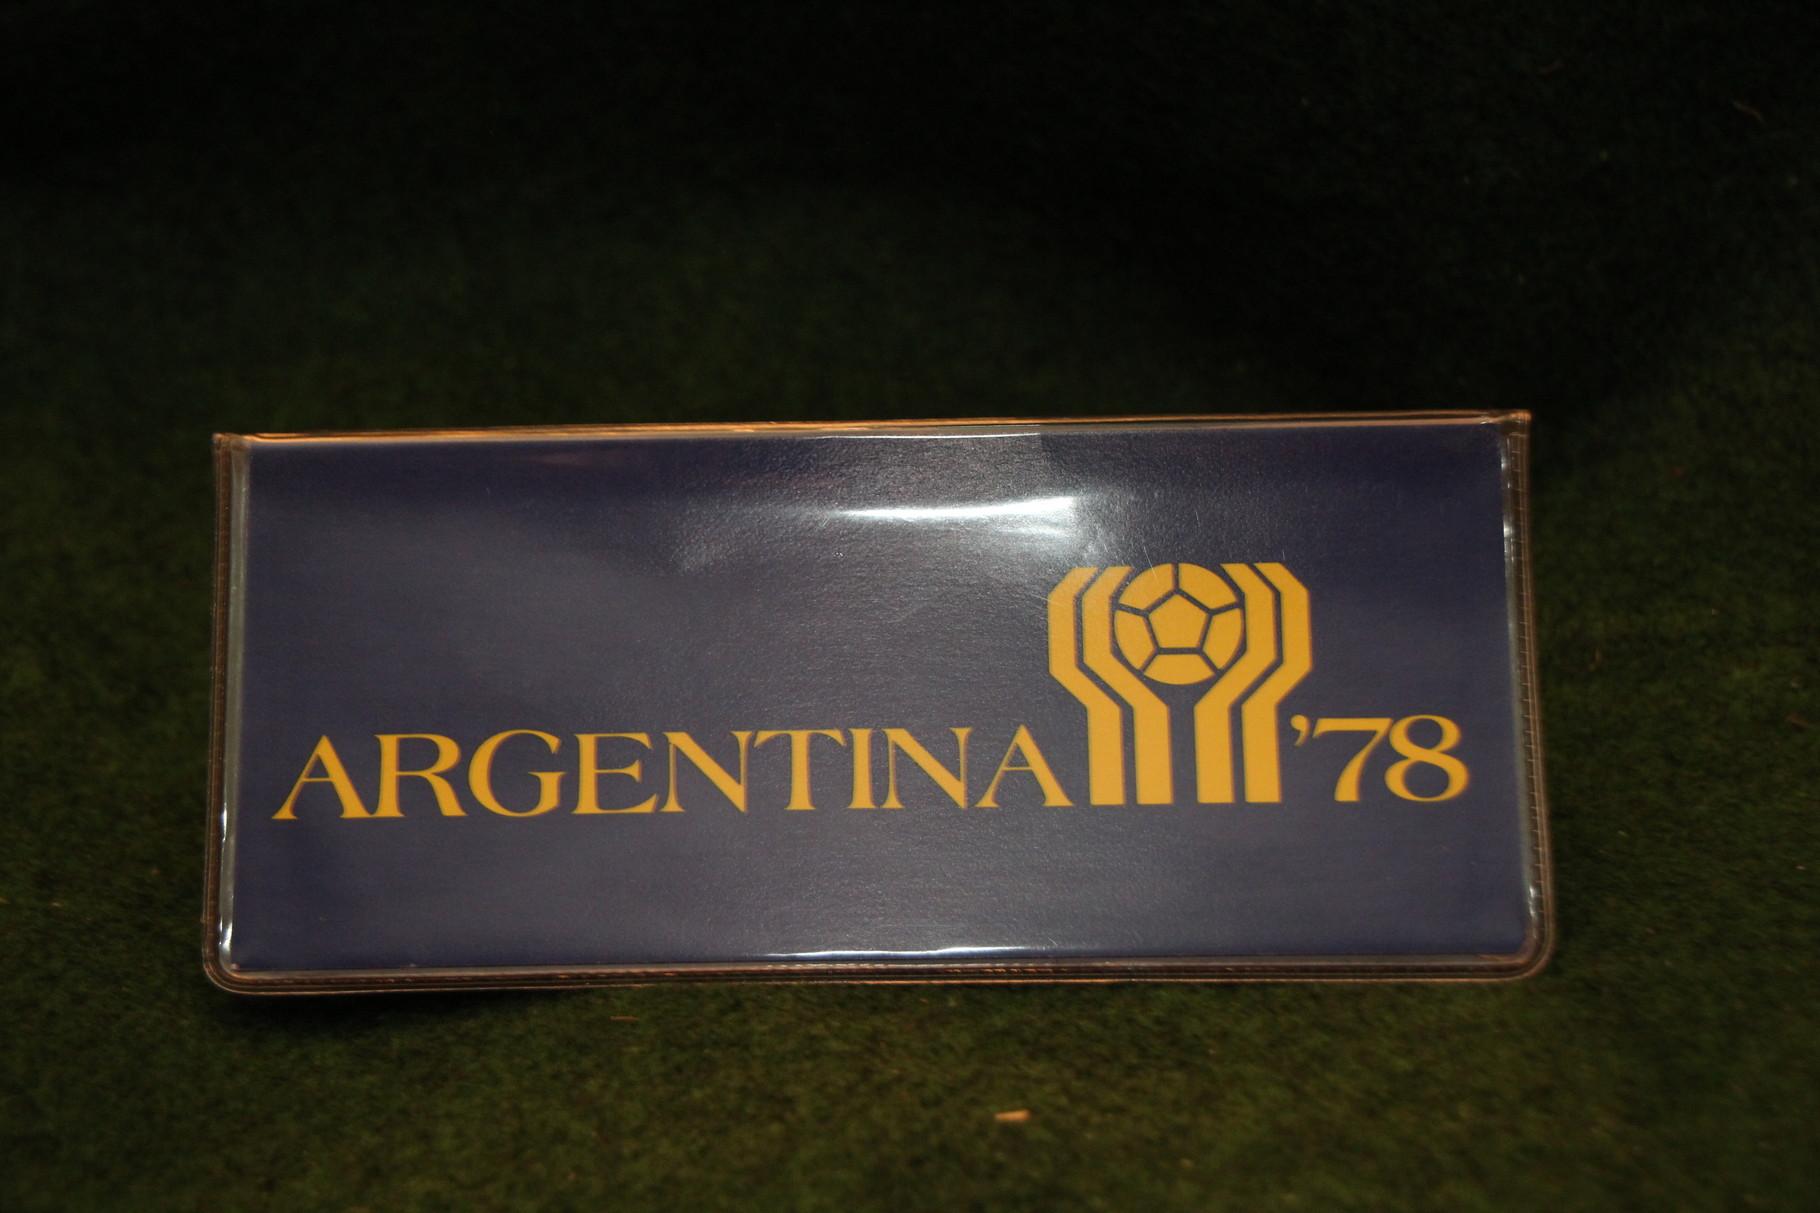 Münzset Pesos der WM 1978 in Argentinien.1/2